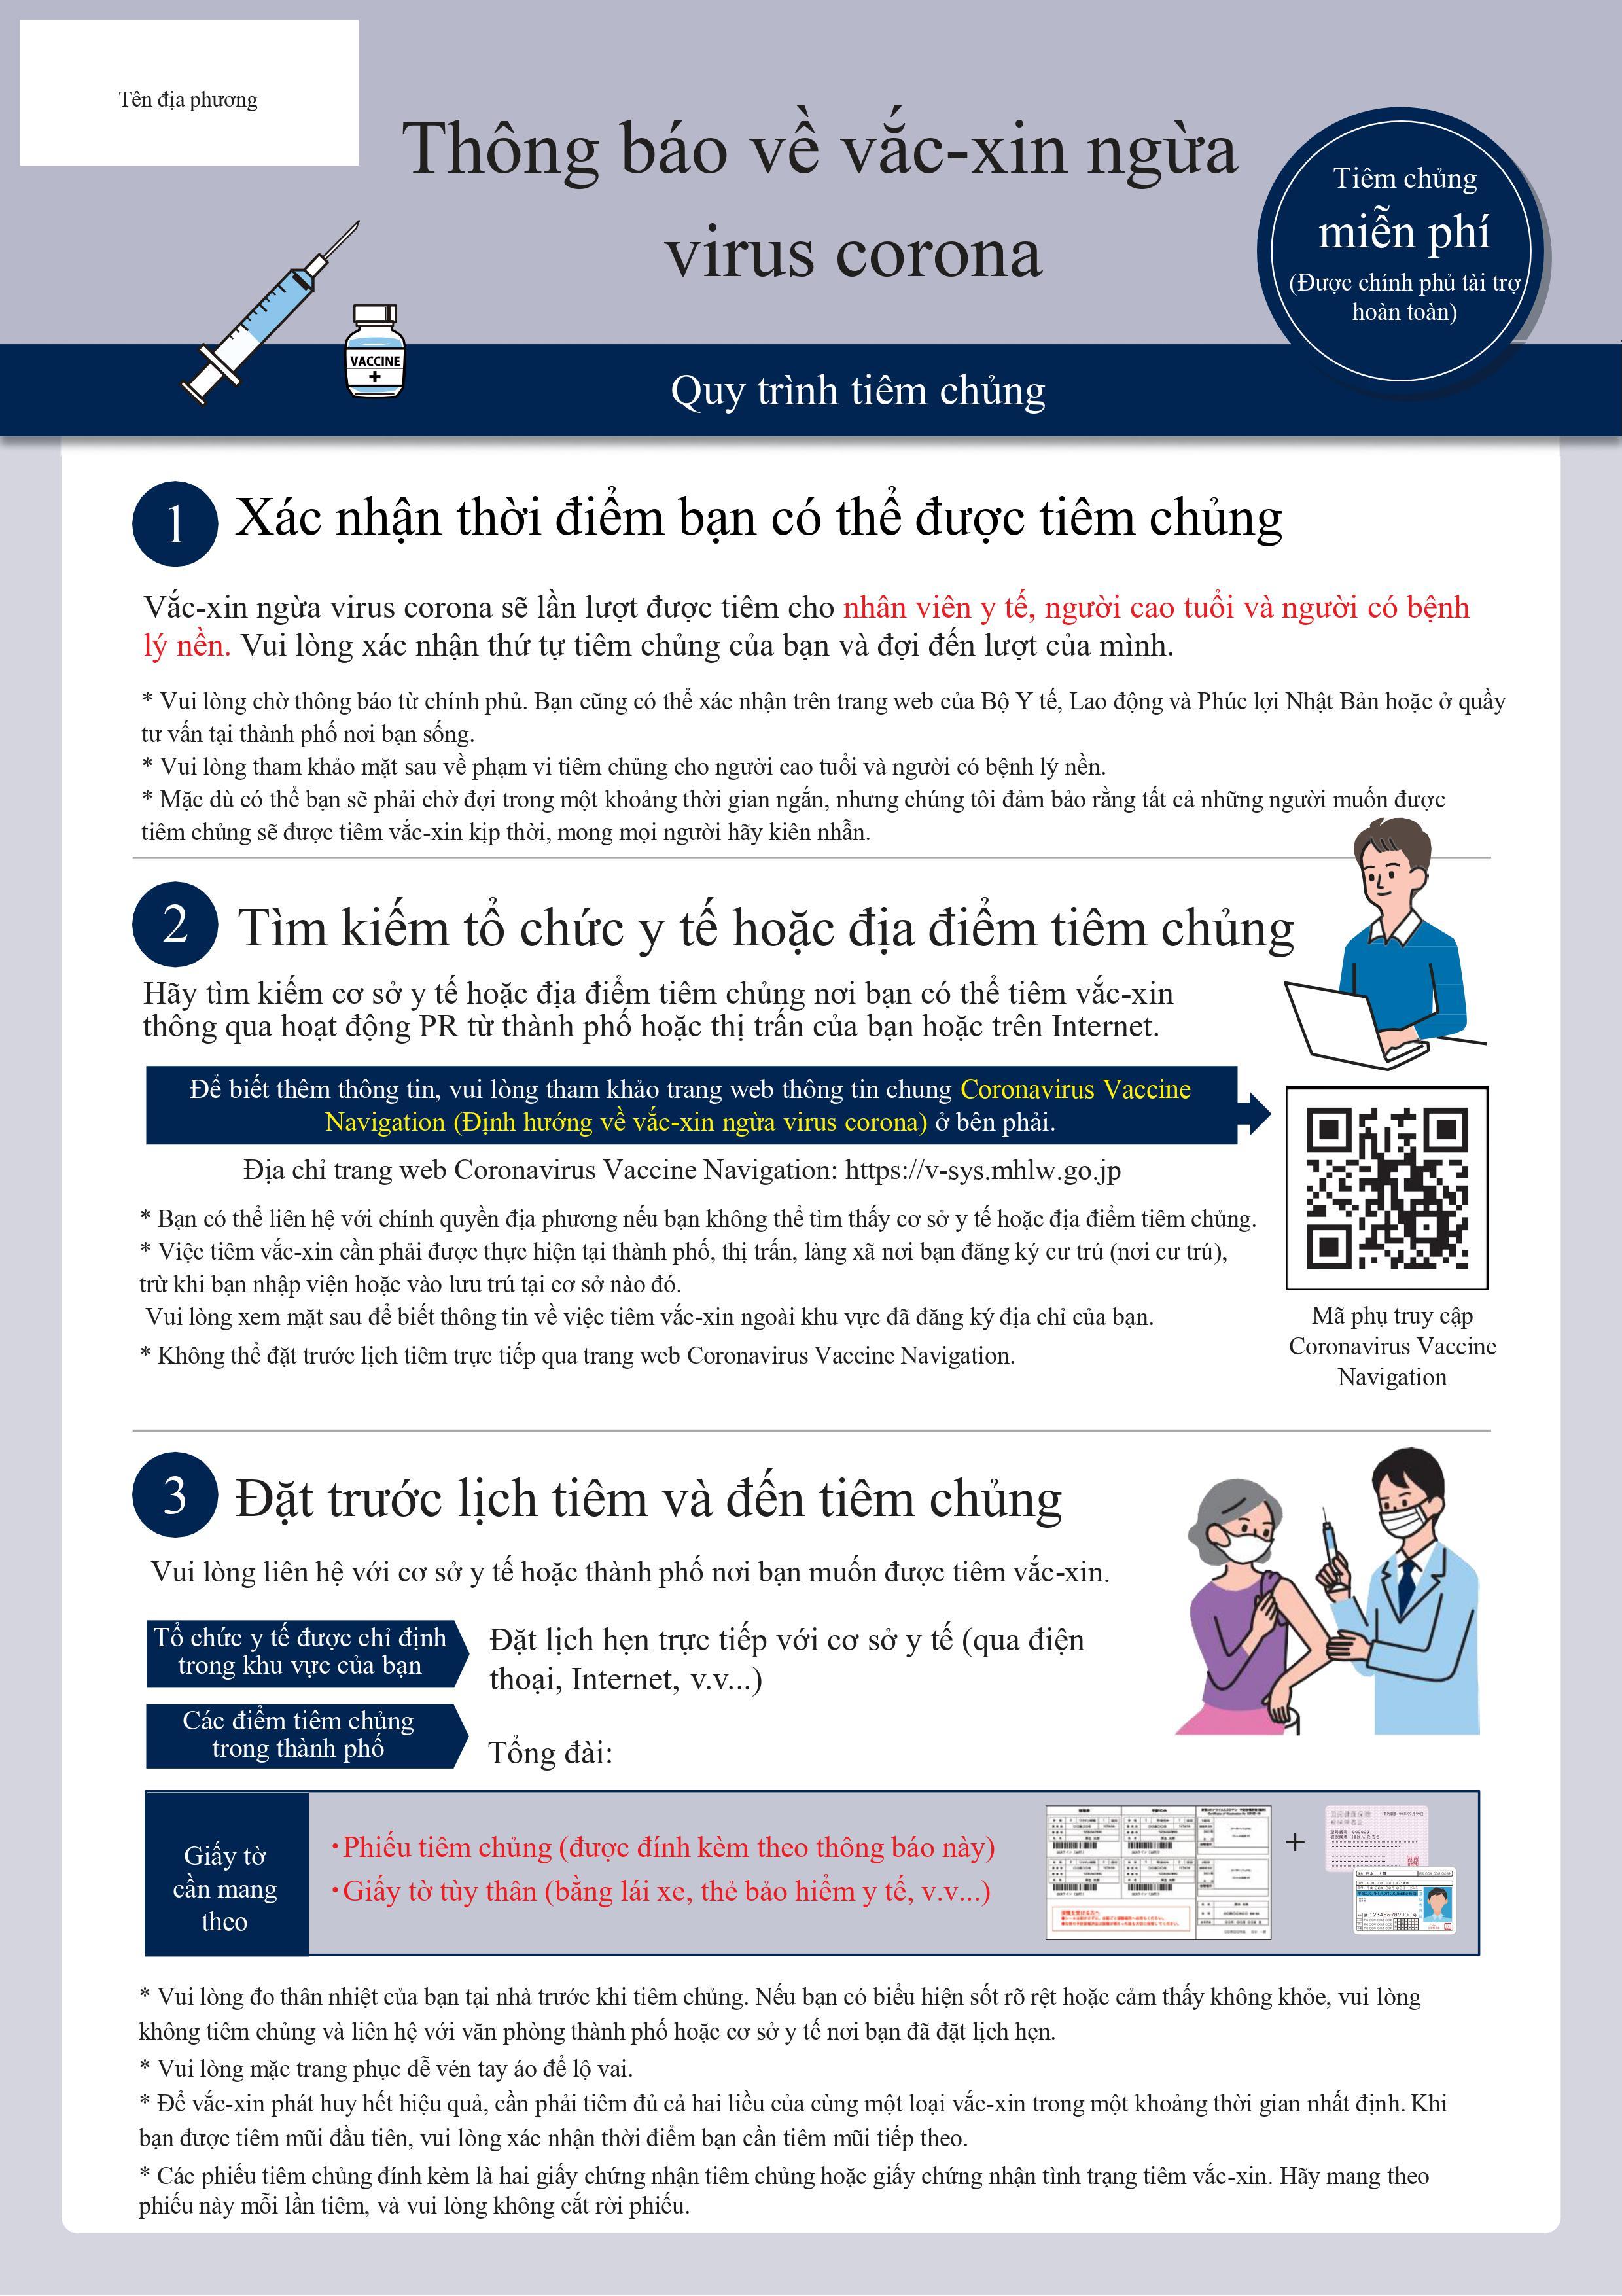 Thông báo về Vaccine ngừa virus Corona